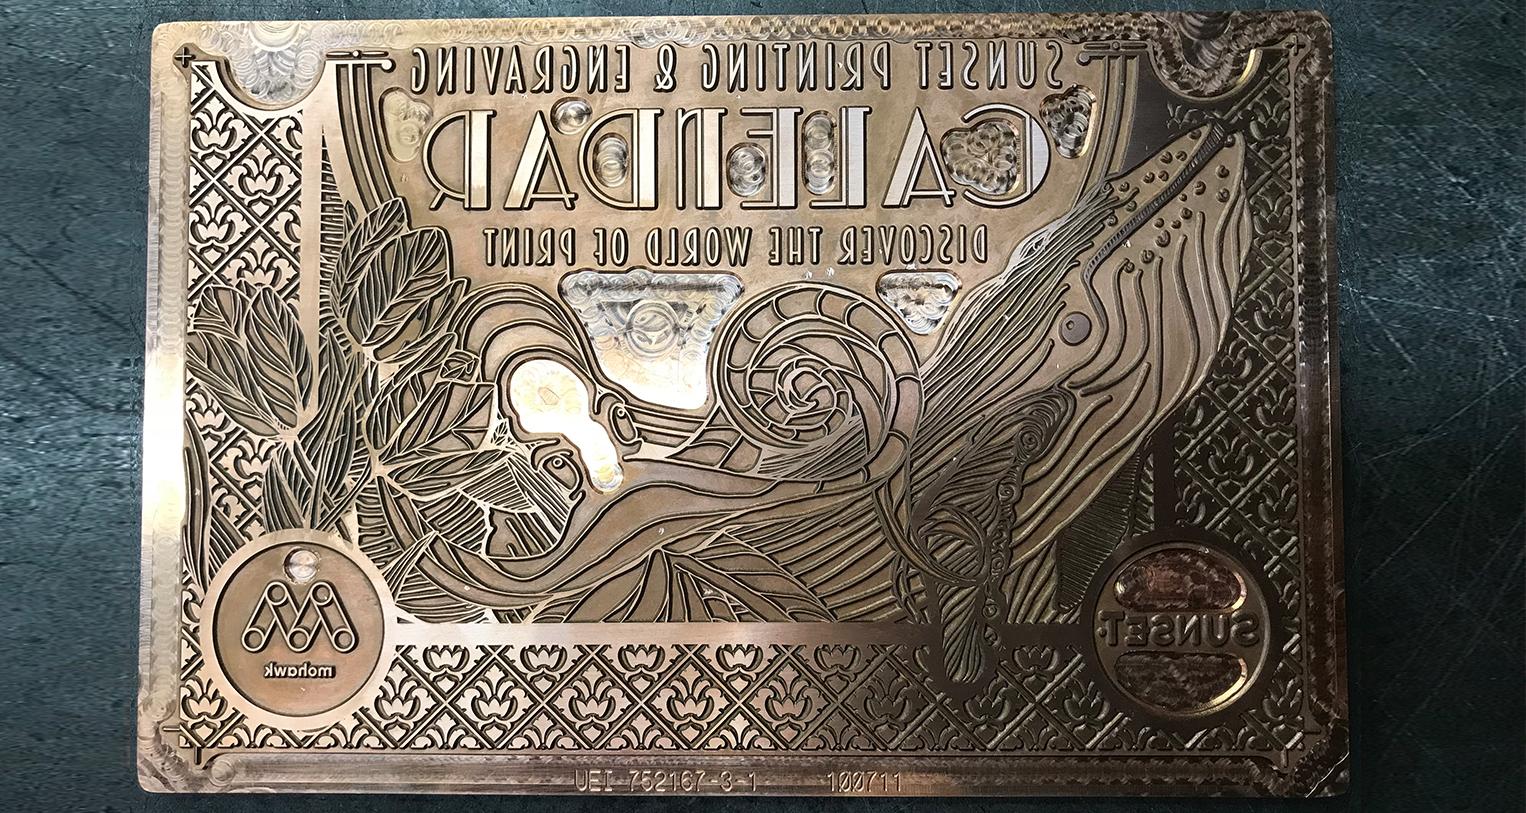 embossed printing plate